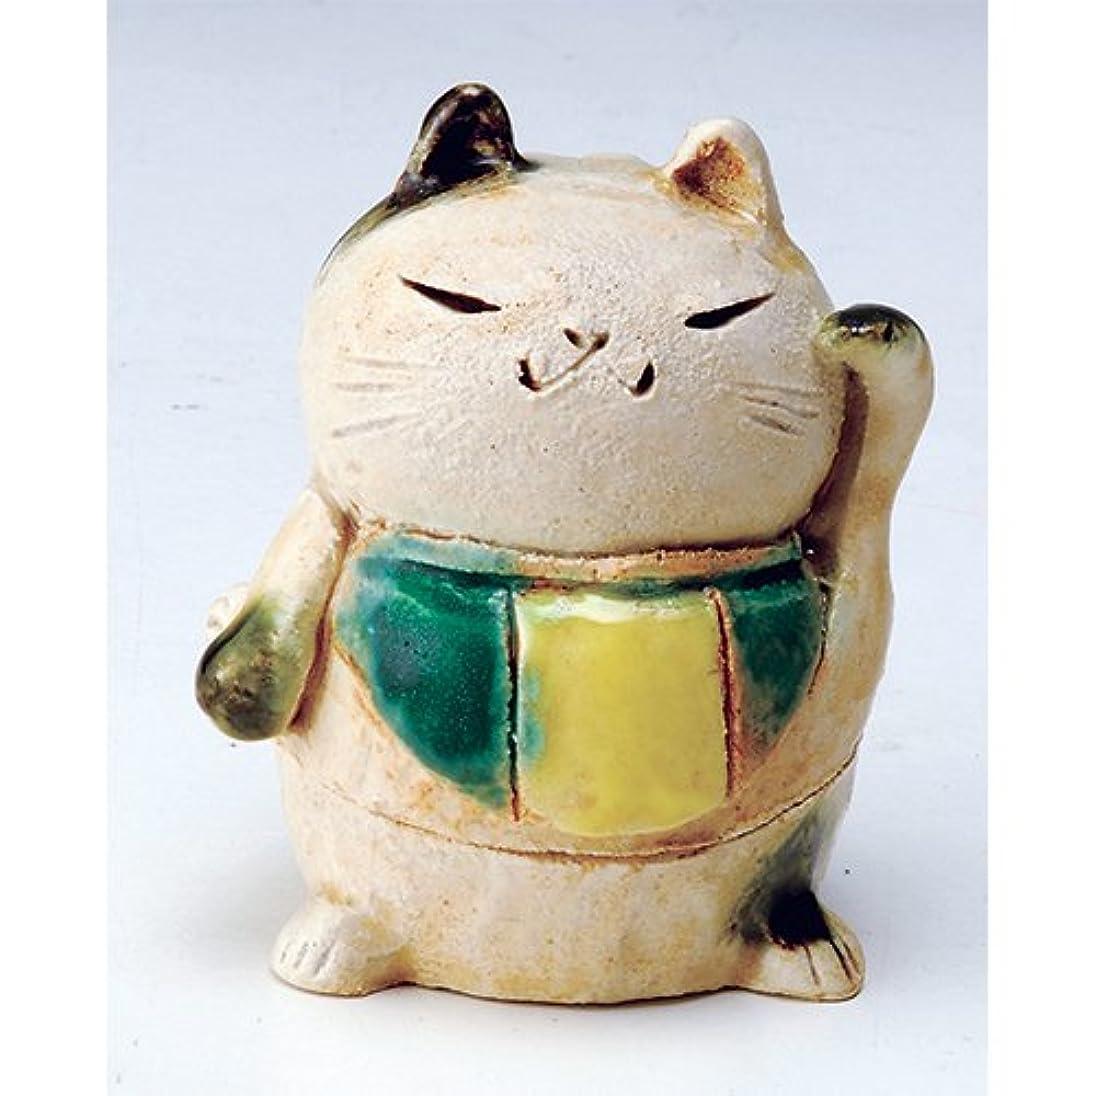 予約状代わって香炉 白萩 招き猫(人)香炉(小) [H8cm] HANDMADE プレゼント ギフト 和食器 かわいい インテリア